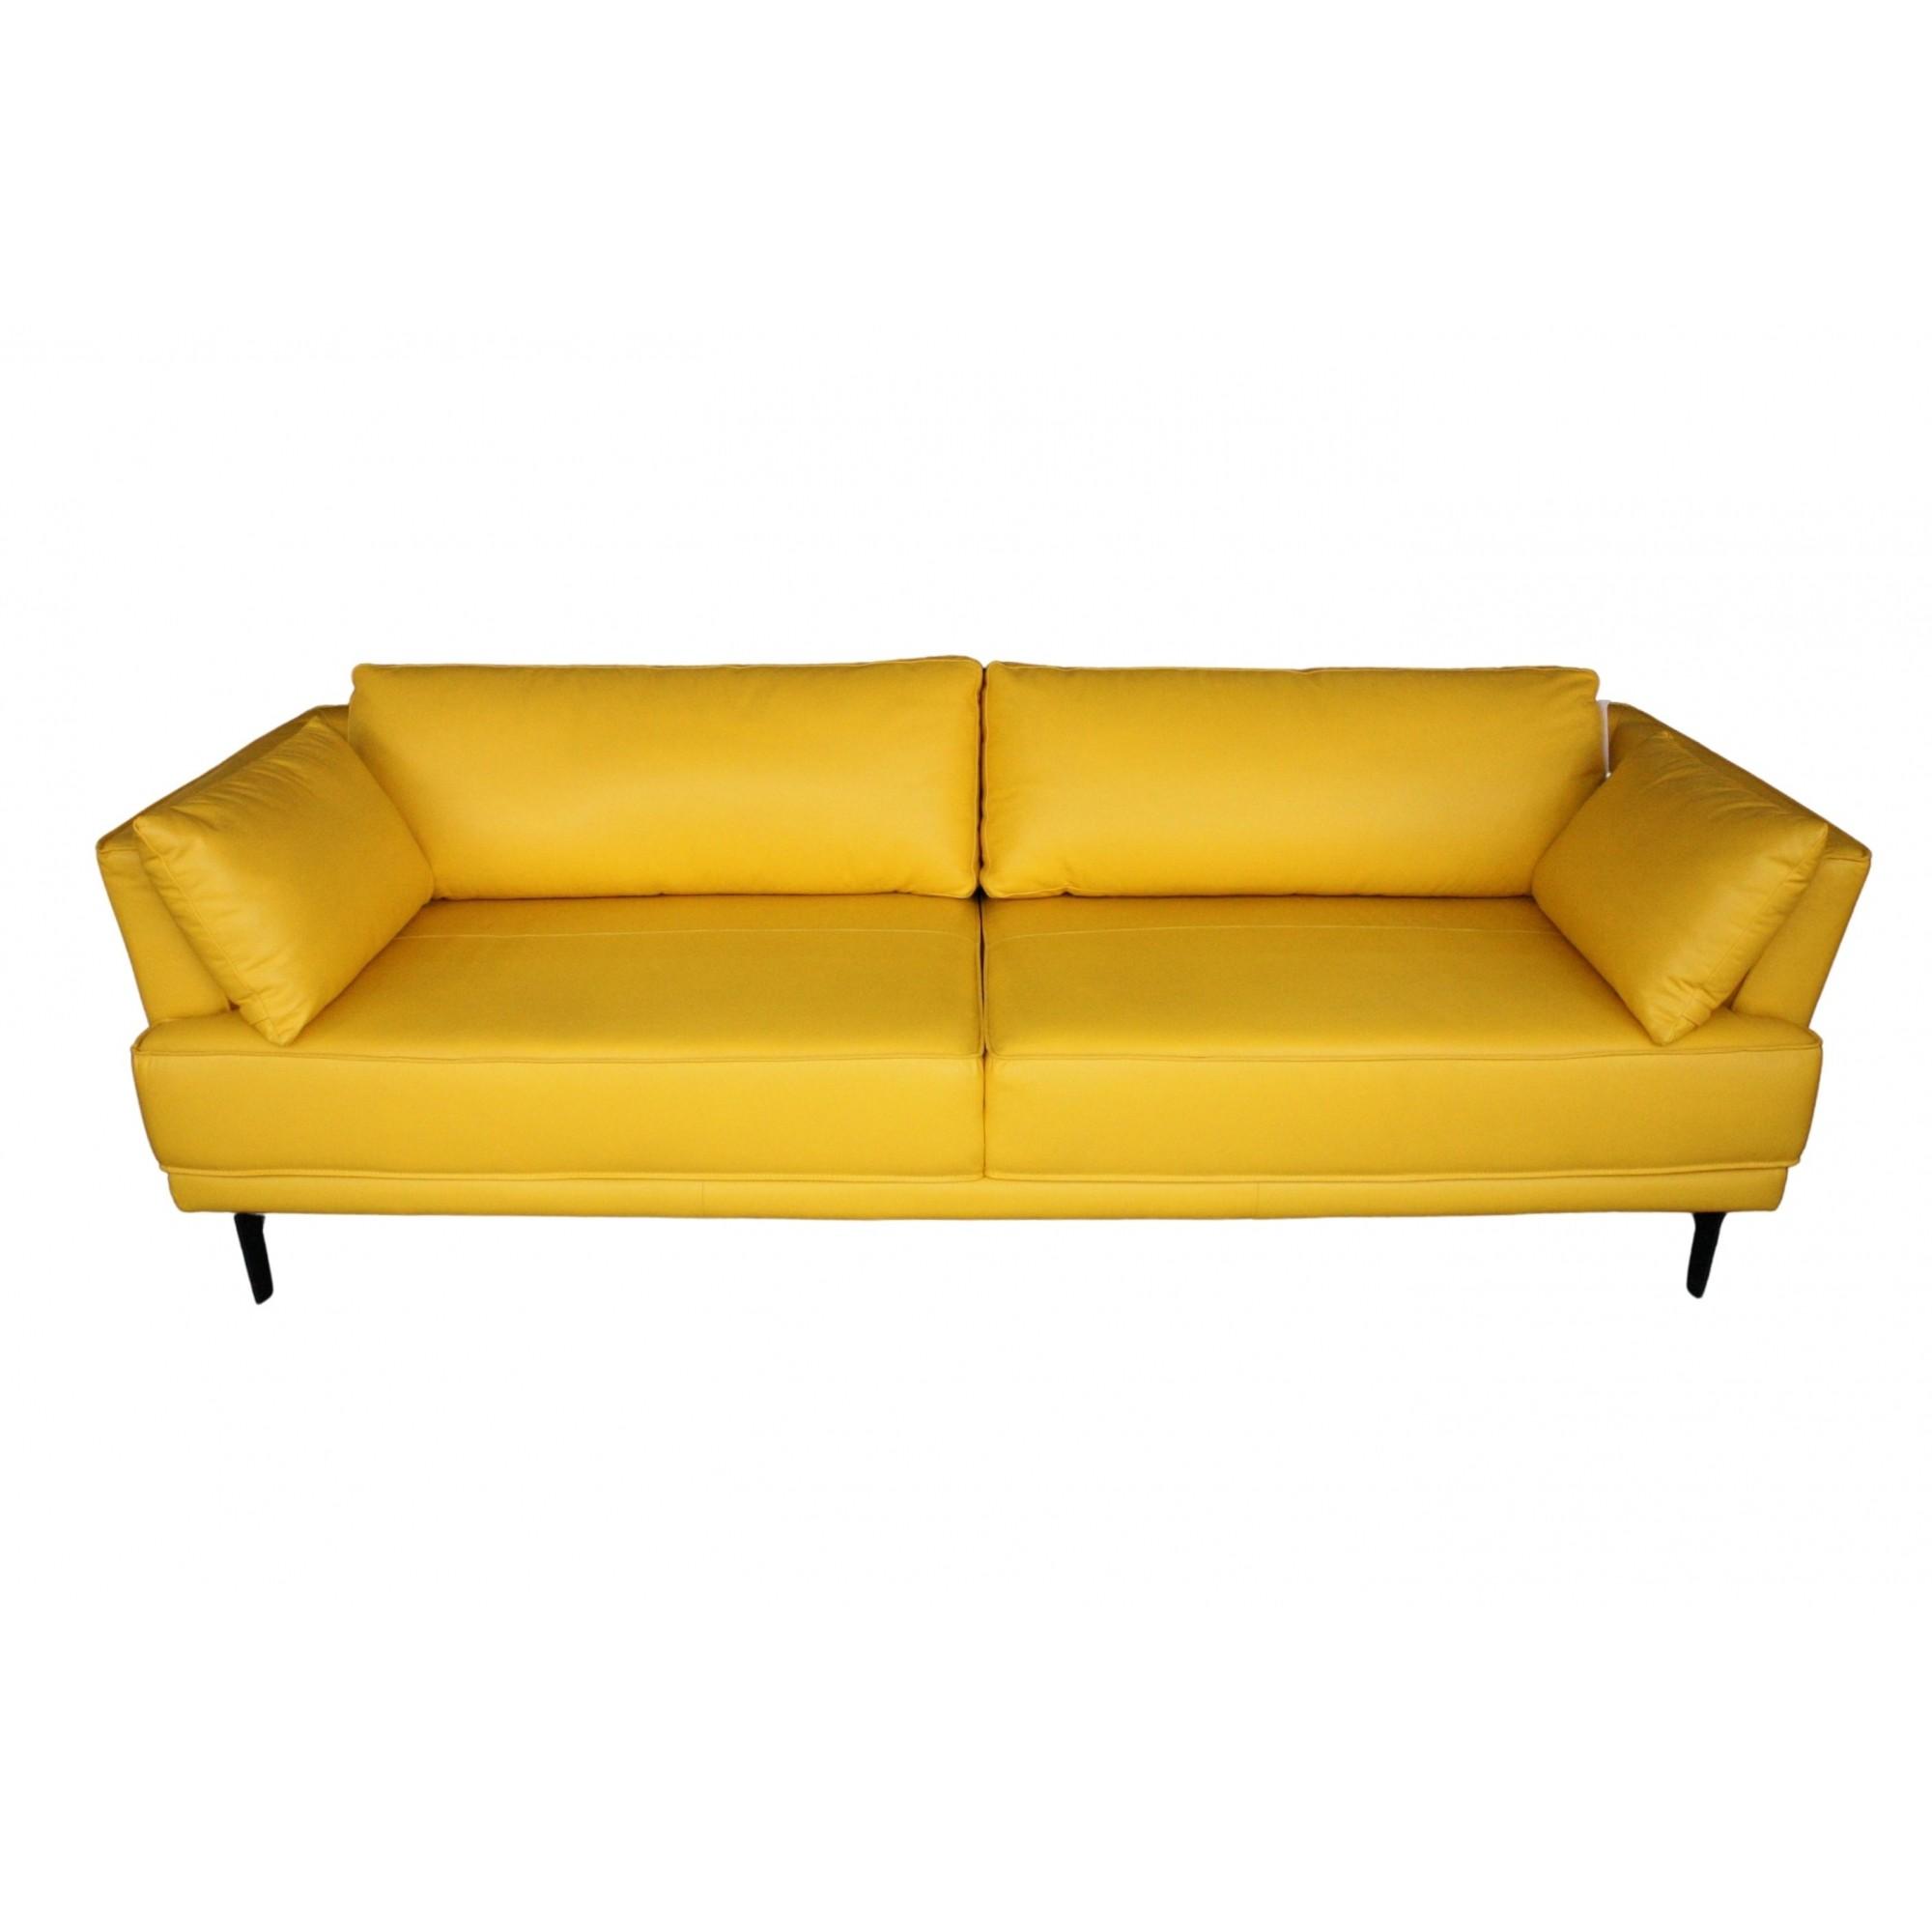 Sofá Venturi em Couro 246cm (Amarelo)